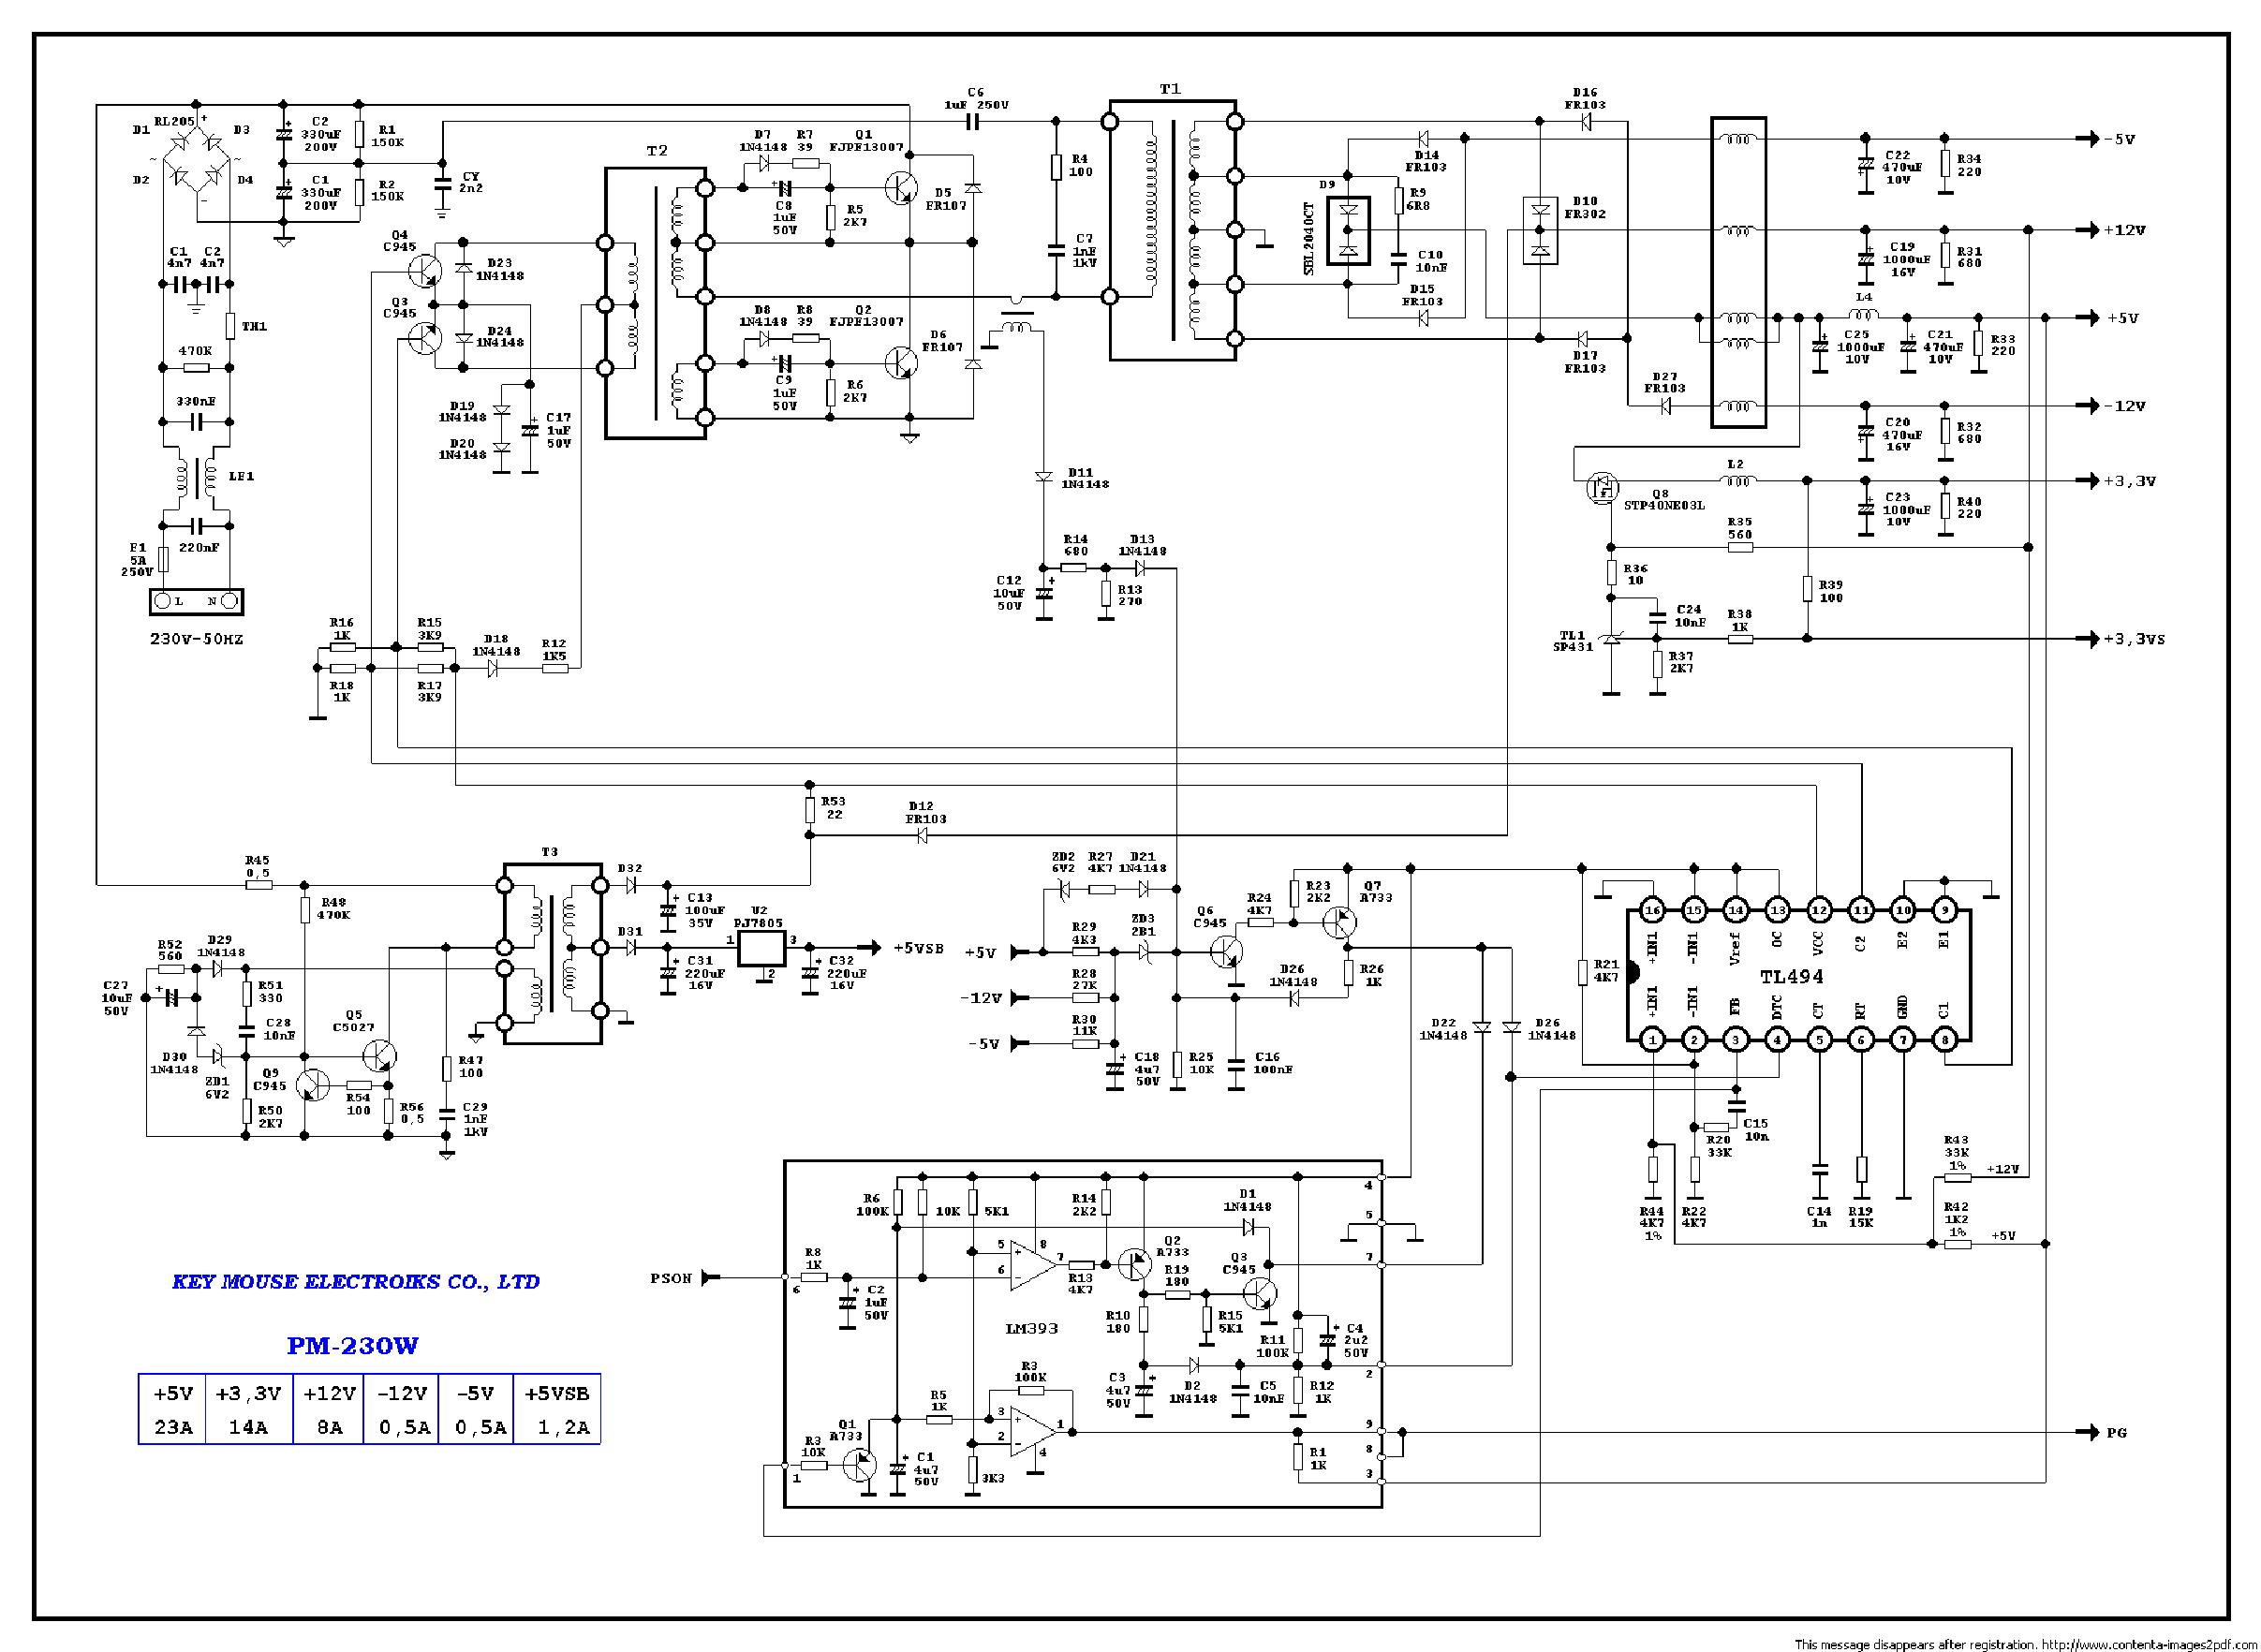 Зарядное Устройство Из Бп Компьютера На Микросхеме Sg 6105.Rar